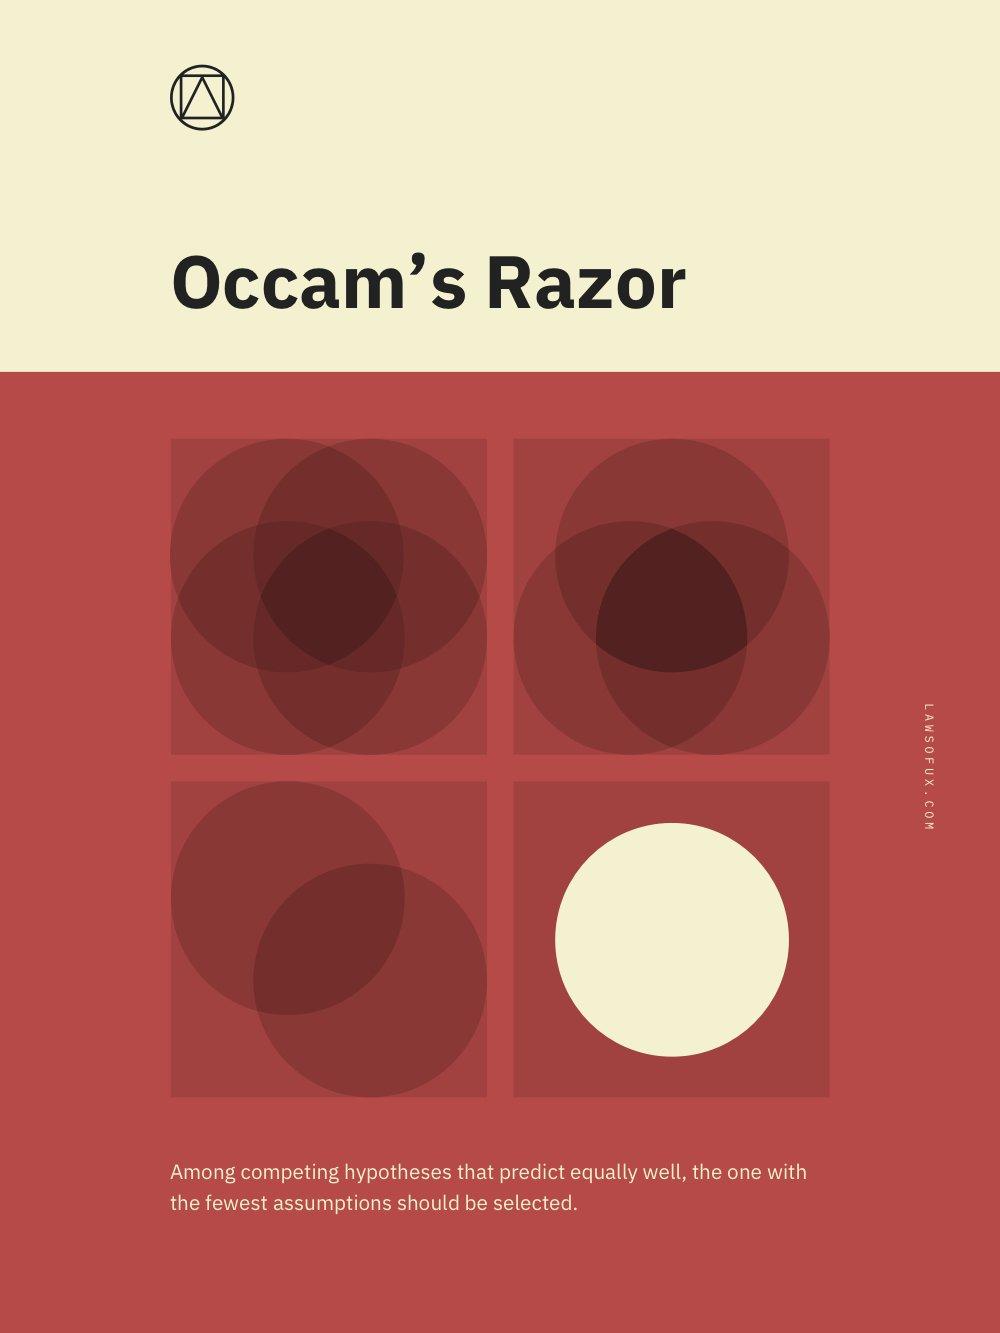 Occam's Razor Poster